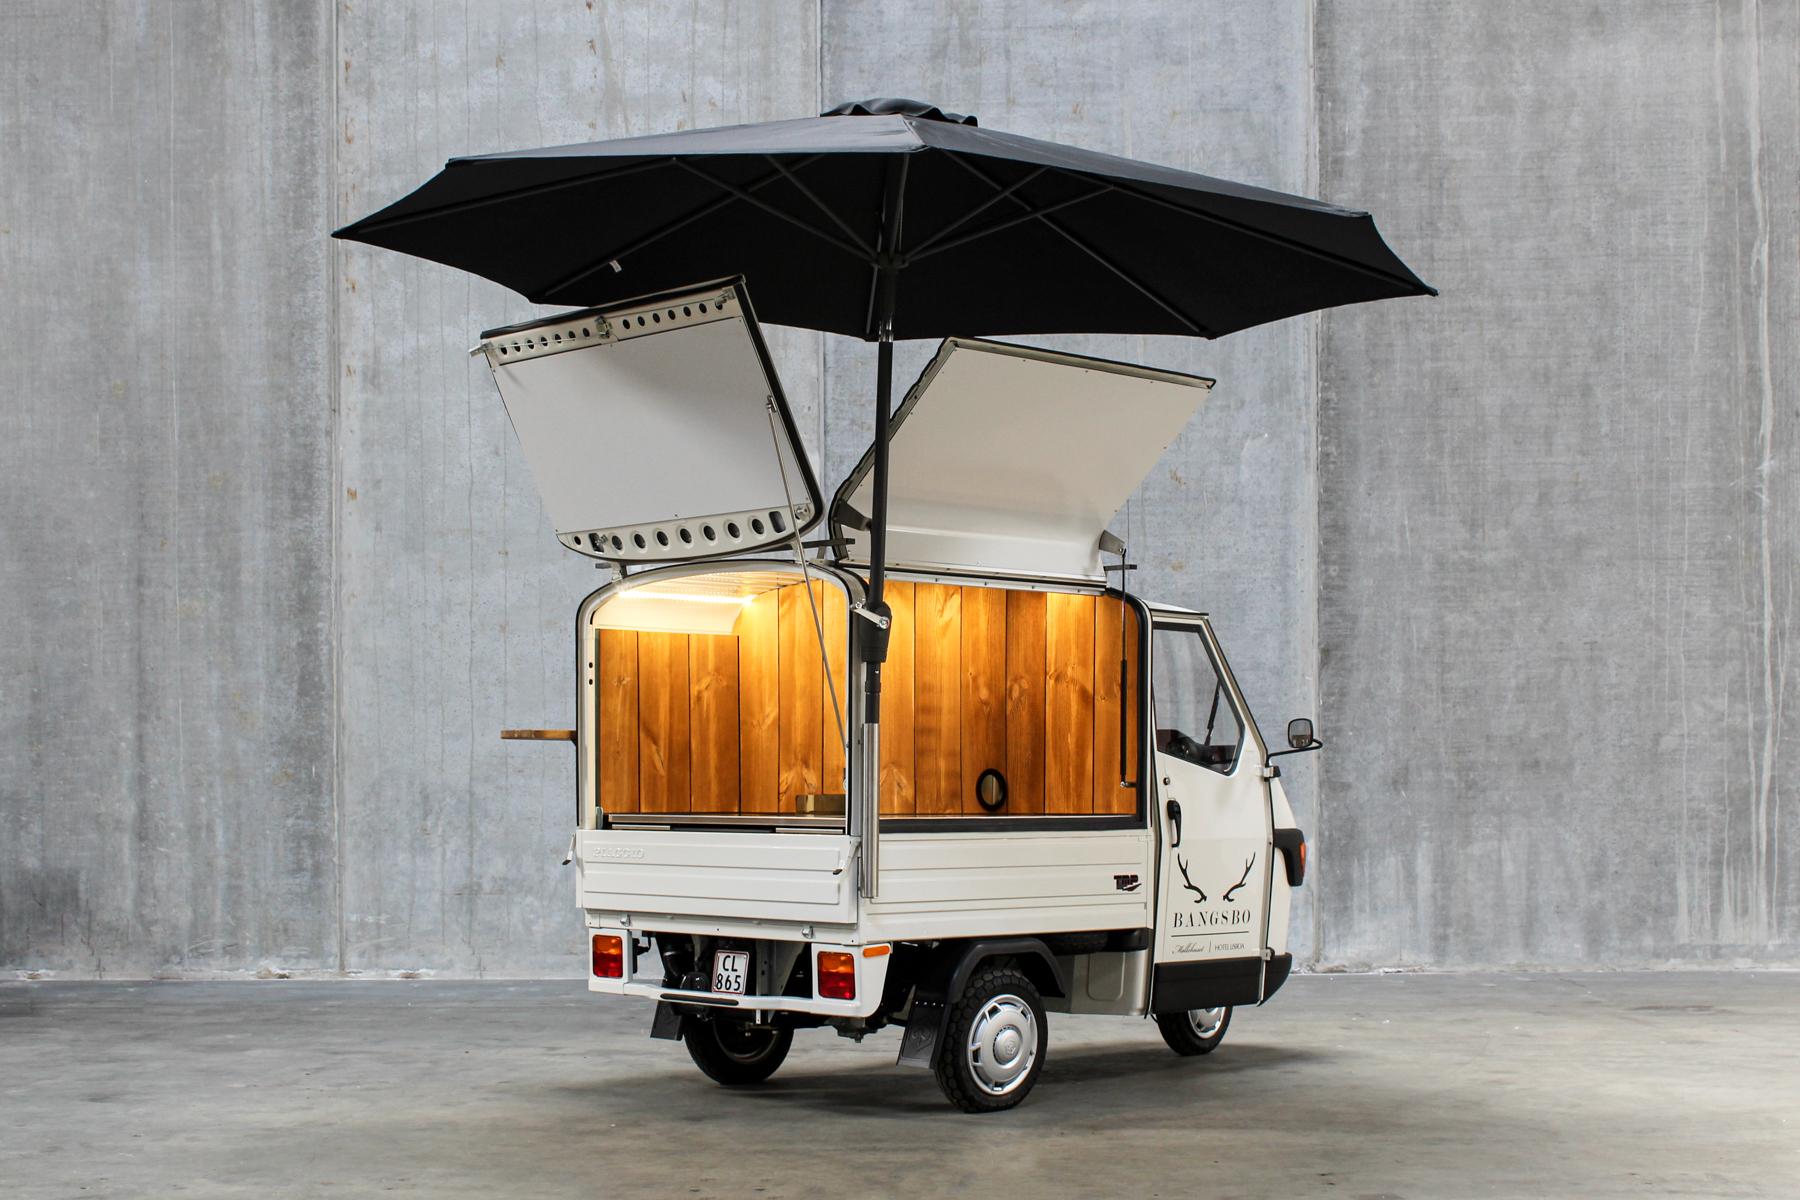 Møllehuset snack truck kitchen and bar on wheels forest food tuktuk